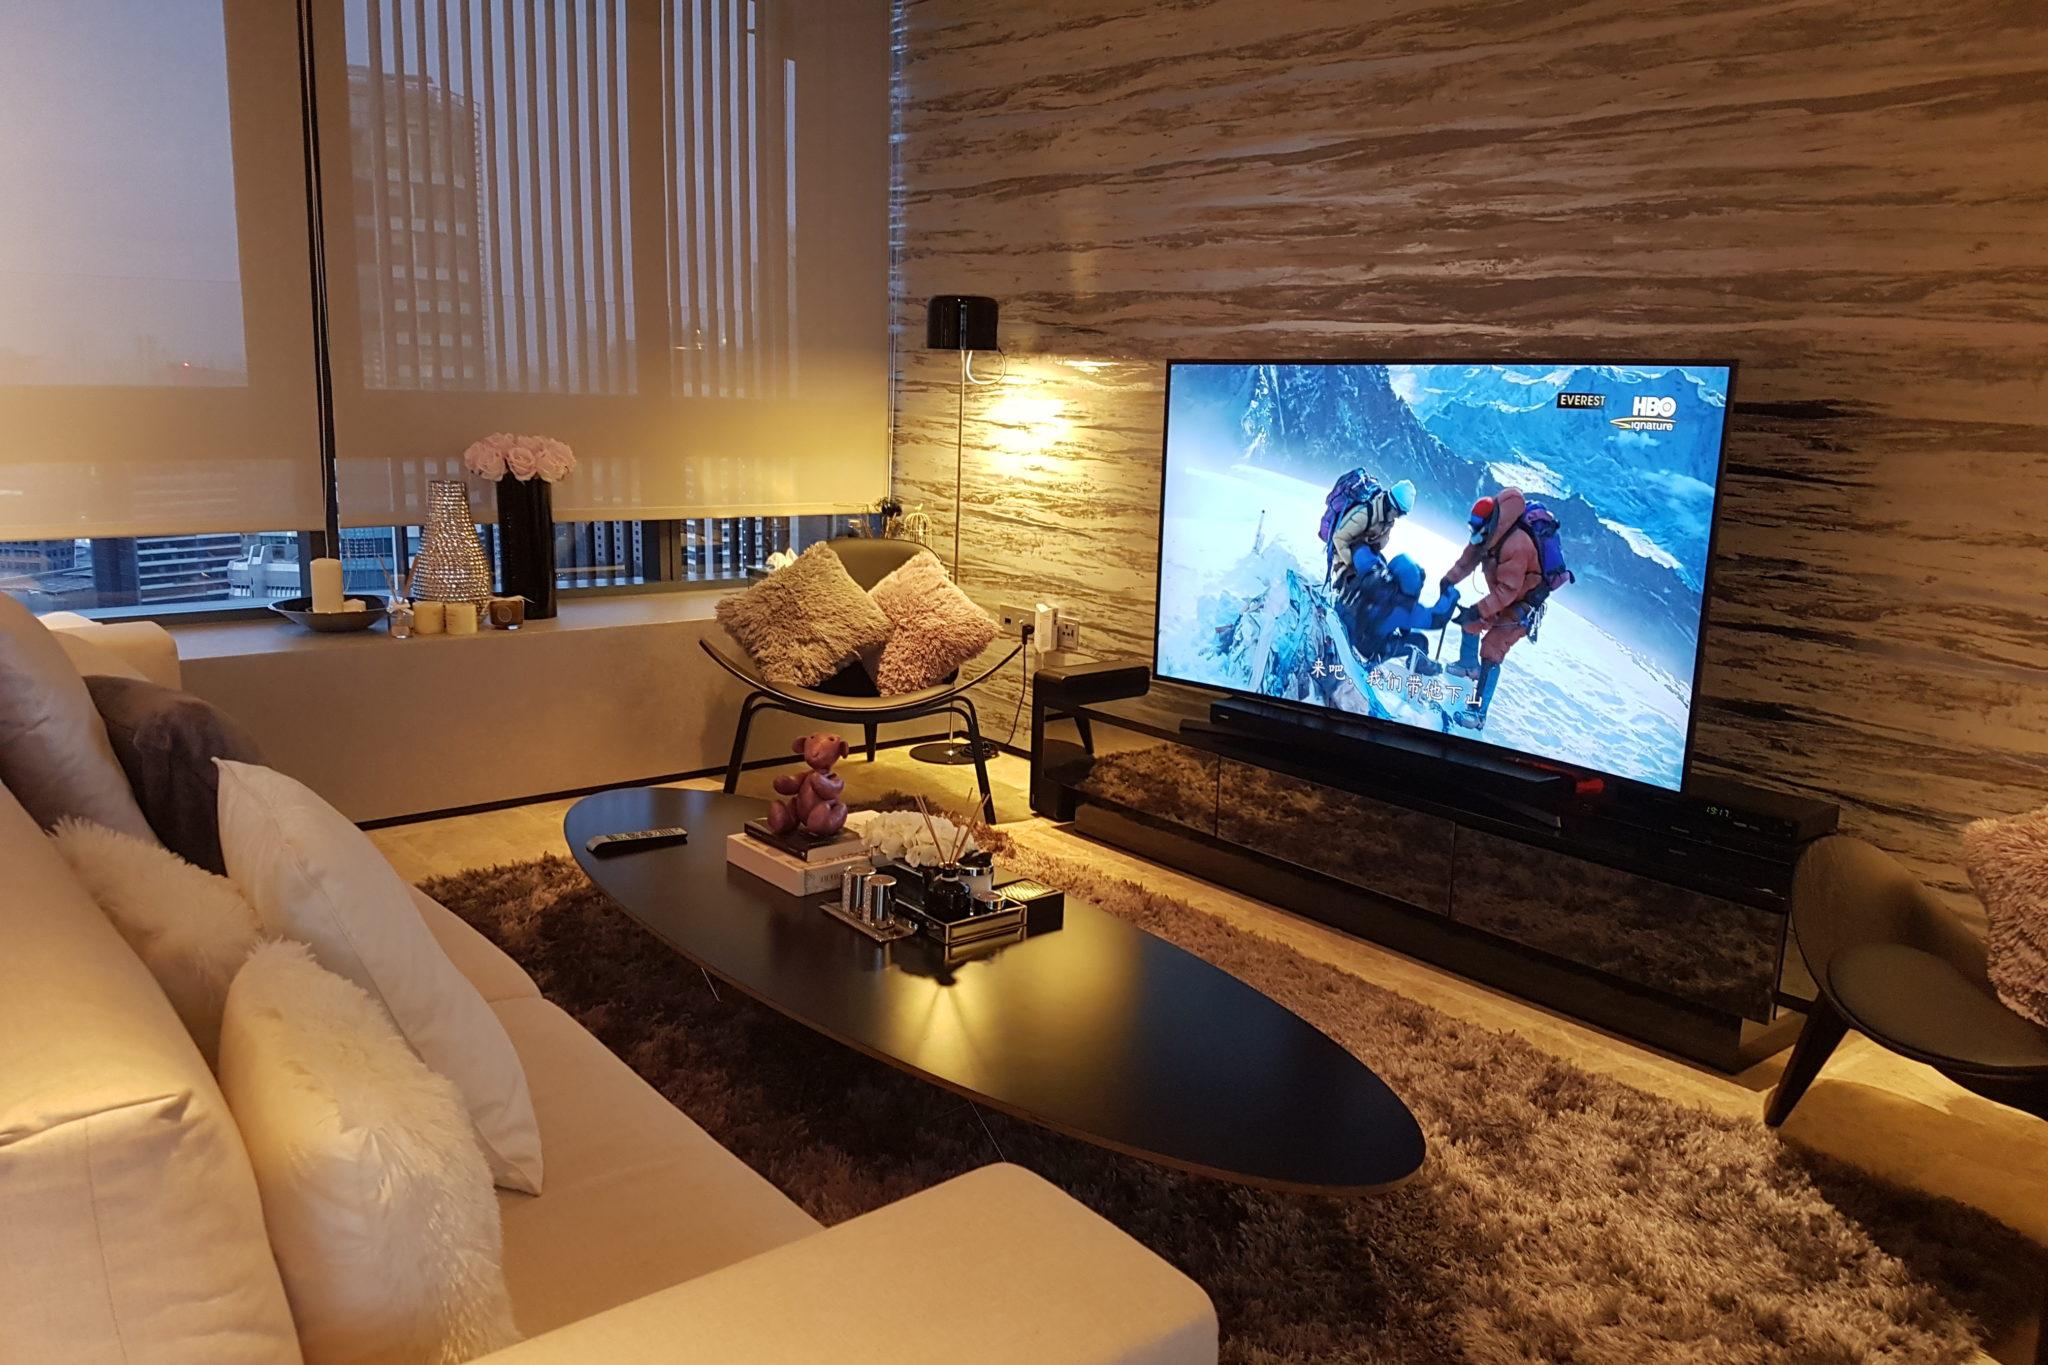 Bstudio sg singapore interior design firm for commercial for 20 x 20 living room design